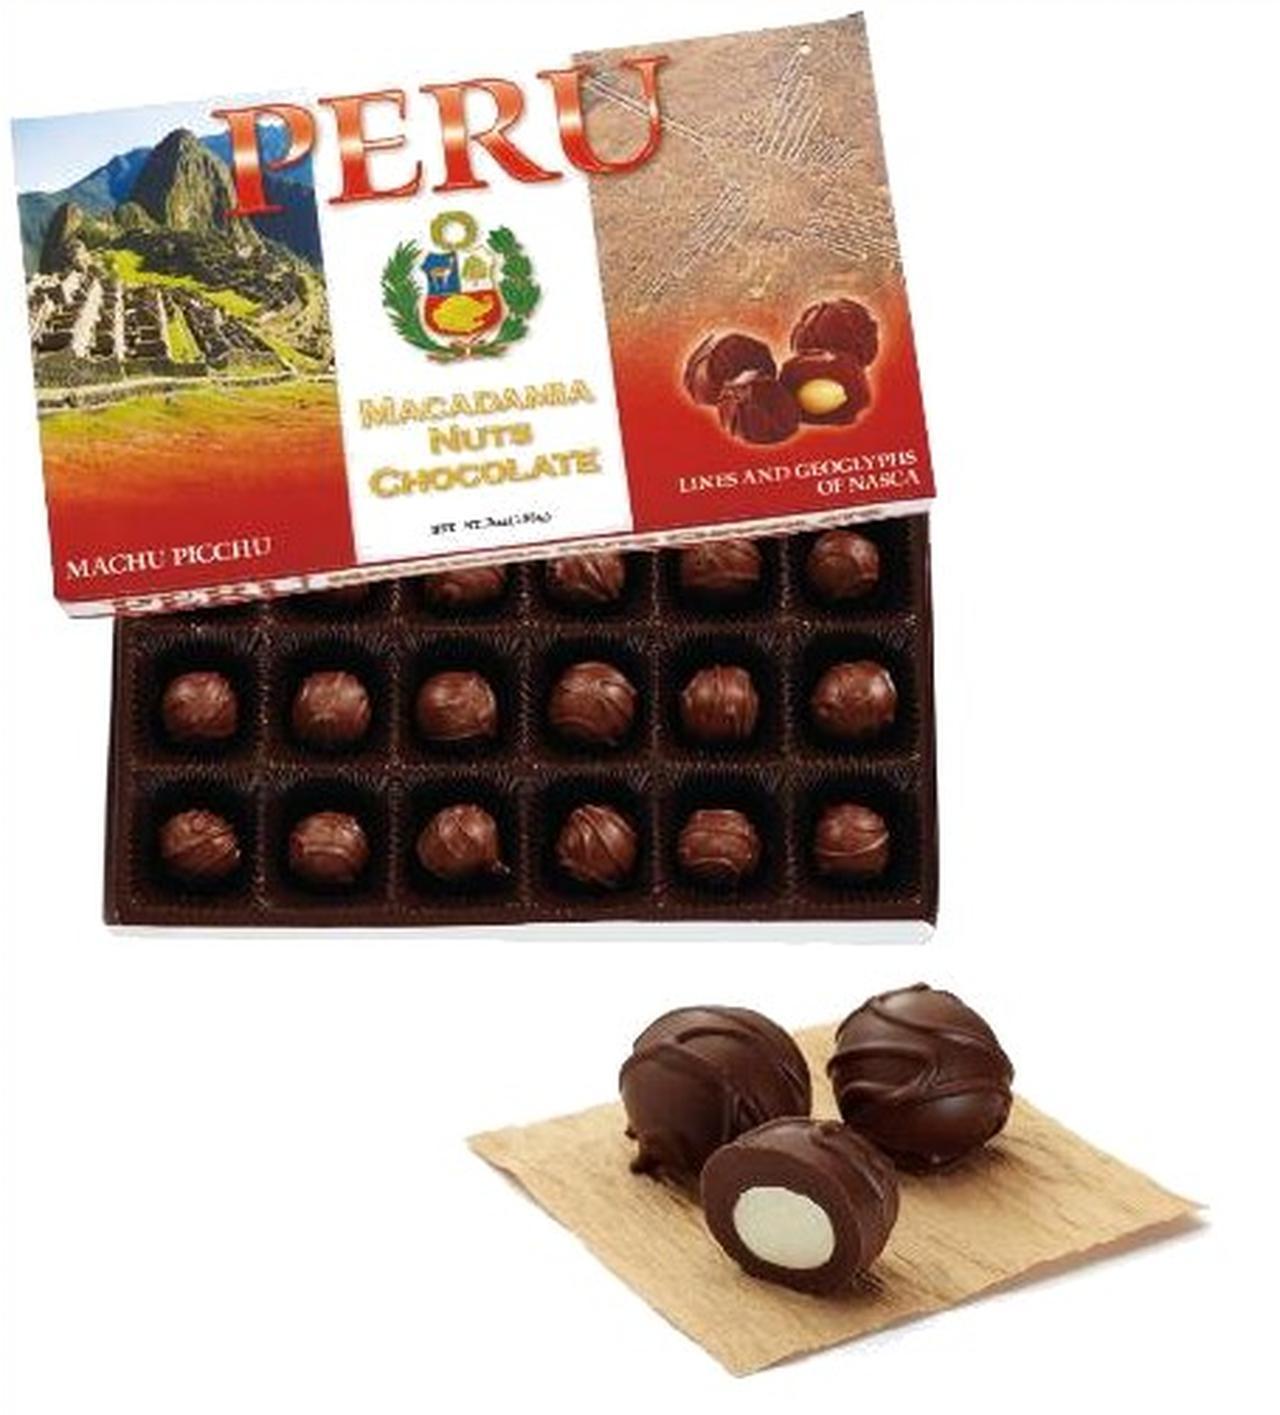 画像: なめらかなミルクチョコレートでマカデミアナッツをくるみました。 ペルーの人気観光名所のマチュピチュとナスカの地上絵をデザインしました。 ペルーのお土産の中でも、常にNo.1の売り上げを誇る人気の高い商品です。 ペルーの旅の思い出を一粒一粒に込めたチョコレートの味を心ゆくまで堪能できます。